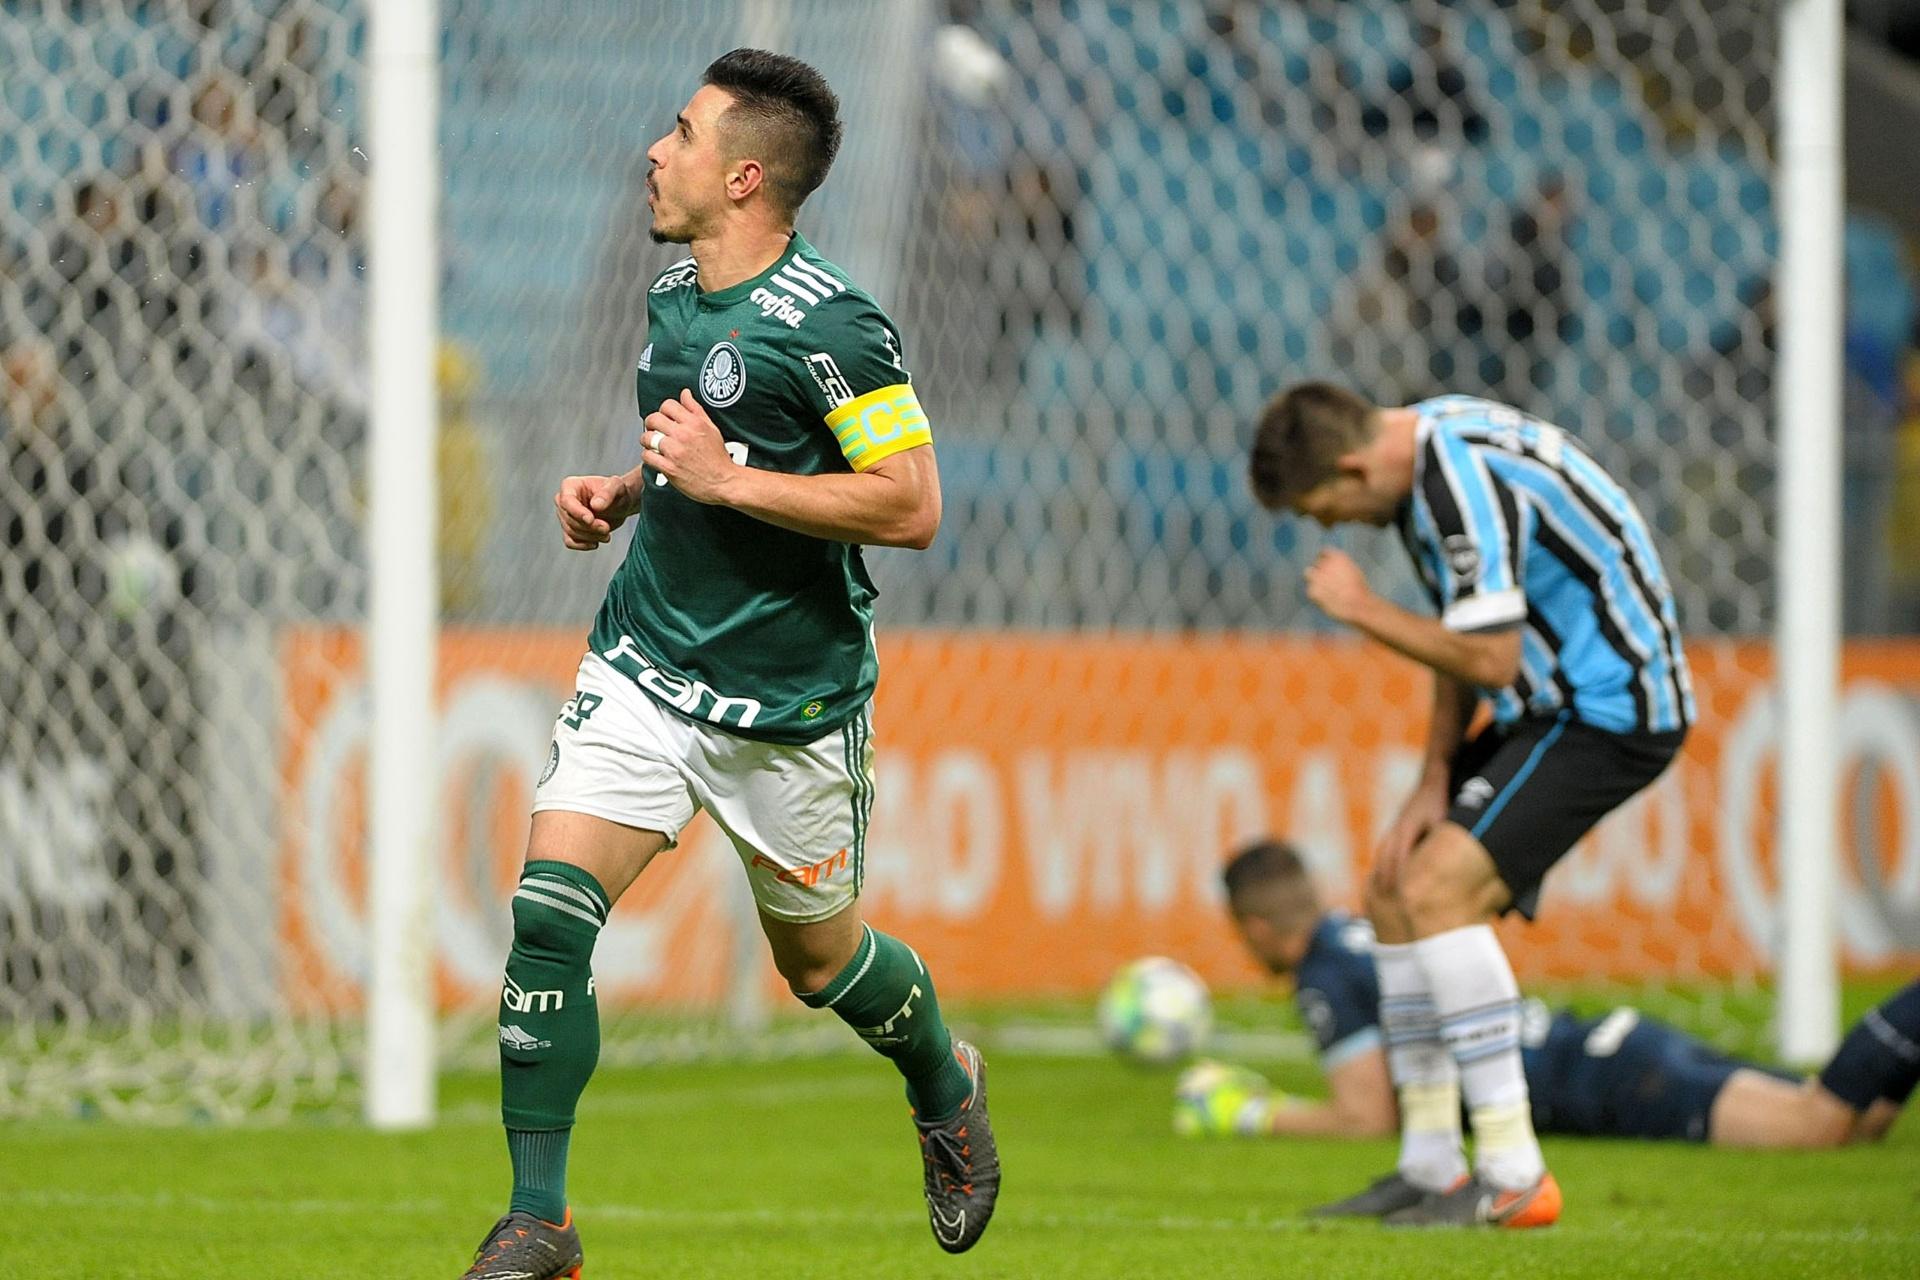 Willian faz dois e Palmeiras vence no reencontro de Roger com o Grêmio -  06 06 2018 - UOL Esporte 78c3d5c7081a5